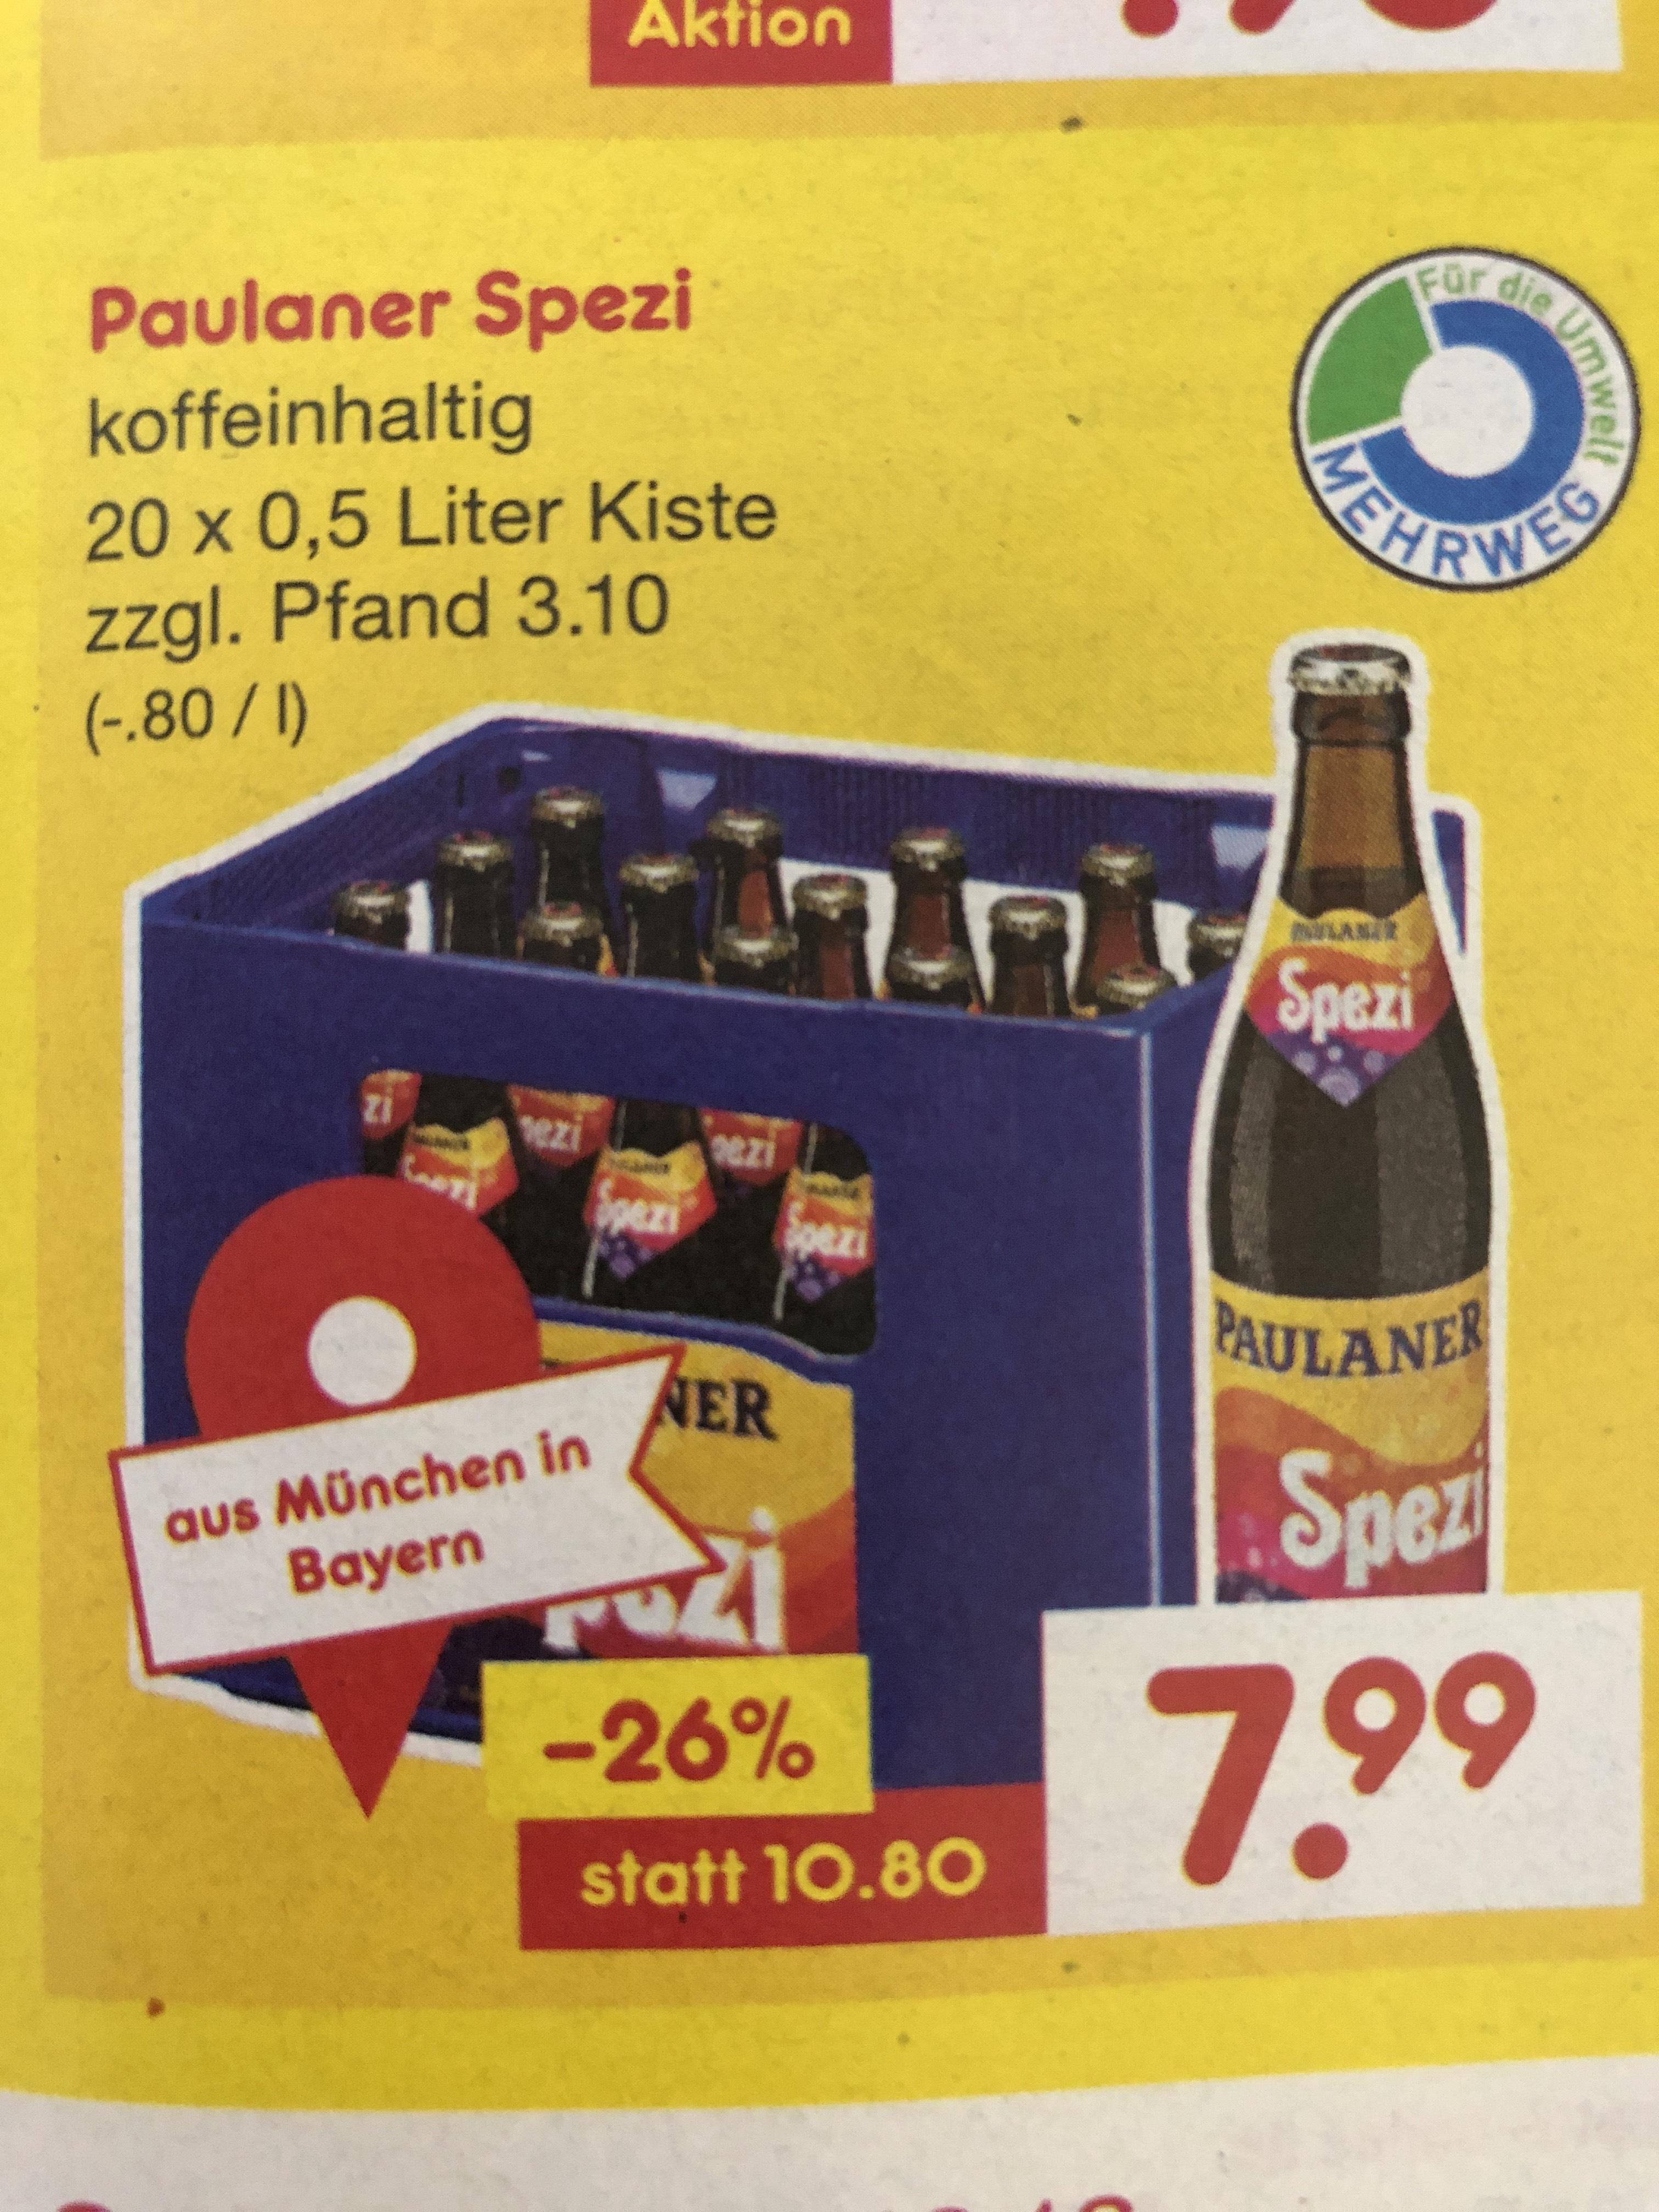 [Netto MD Lokal] Paulaner Spezi 20x0,5l für 7,99 zzgl. Pfand